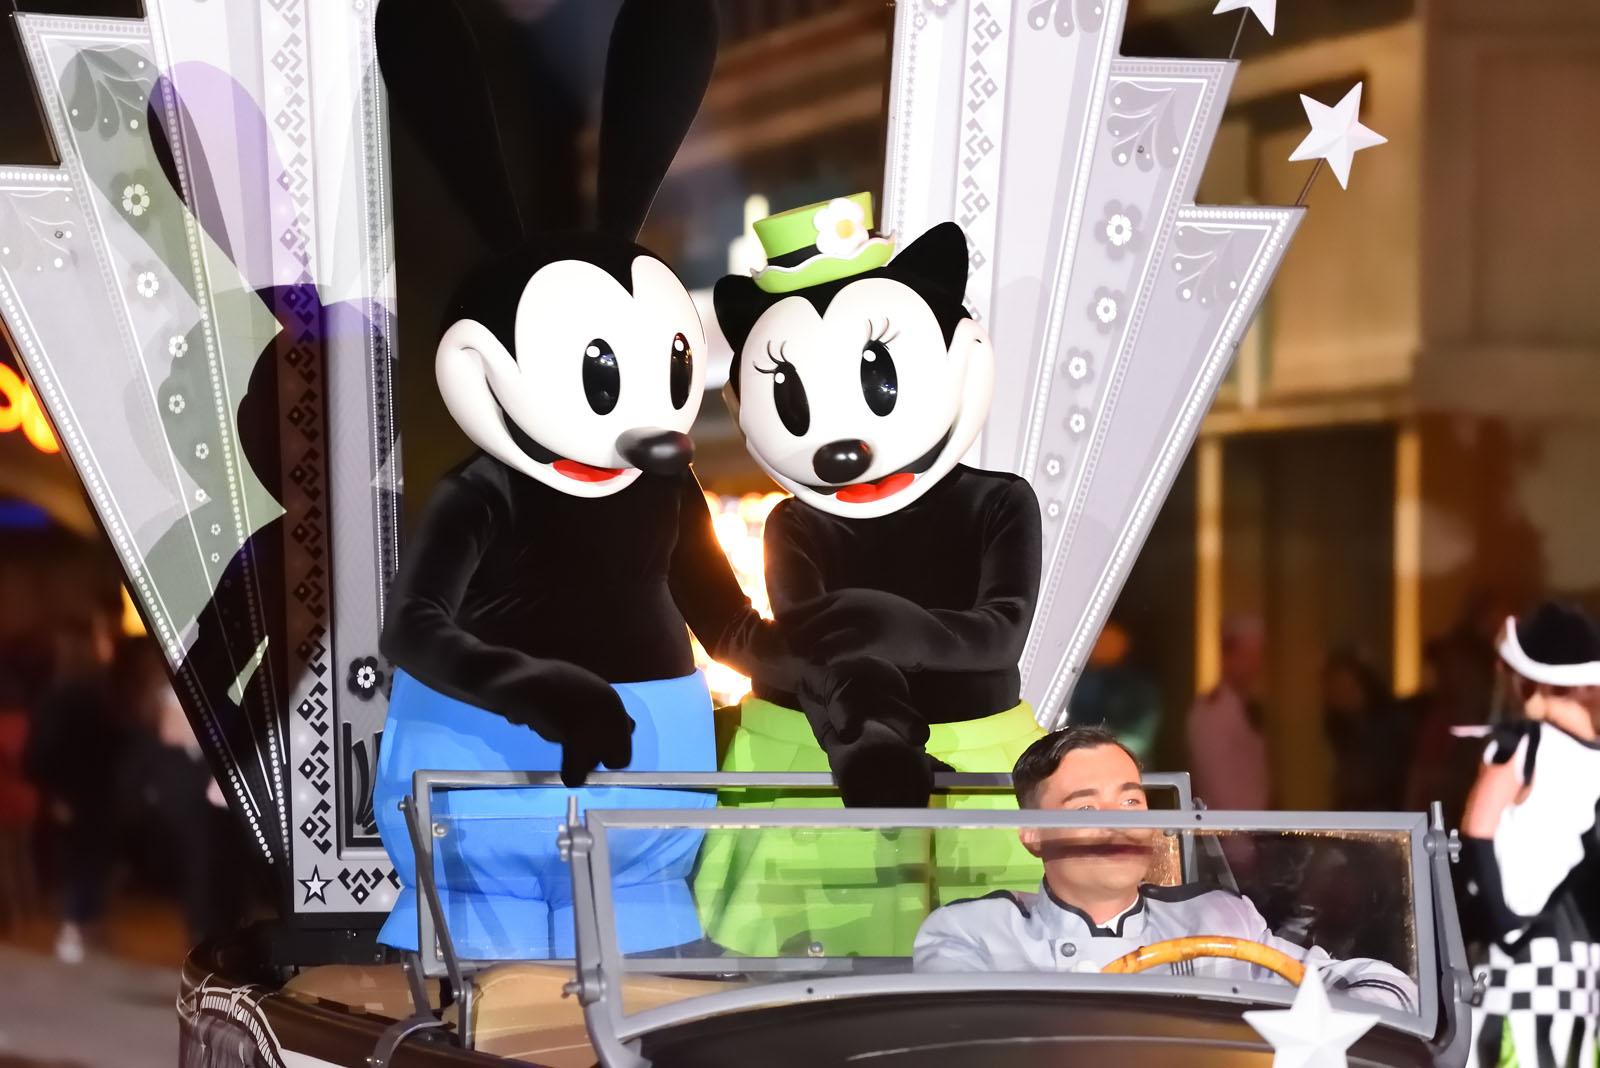 ディズニーランド・パリ ディズニー・ファンデイズ オー・マイ・オルテンシア! Disneyland Paris Disney FanDaze Oh My, Ortensia!